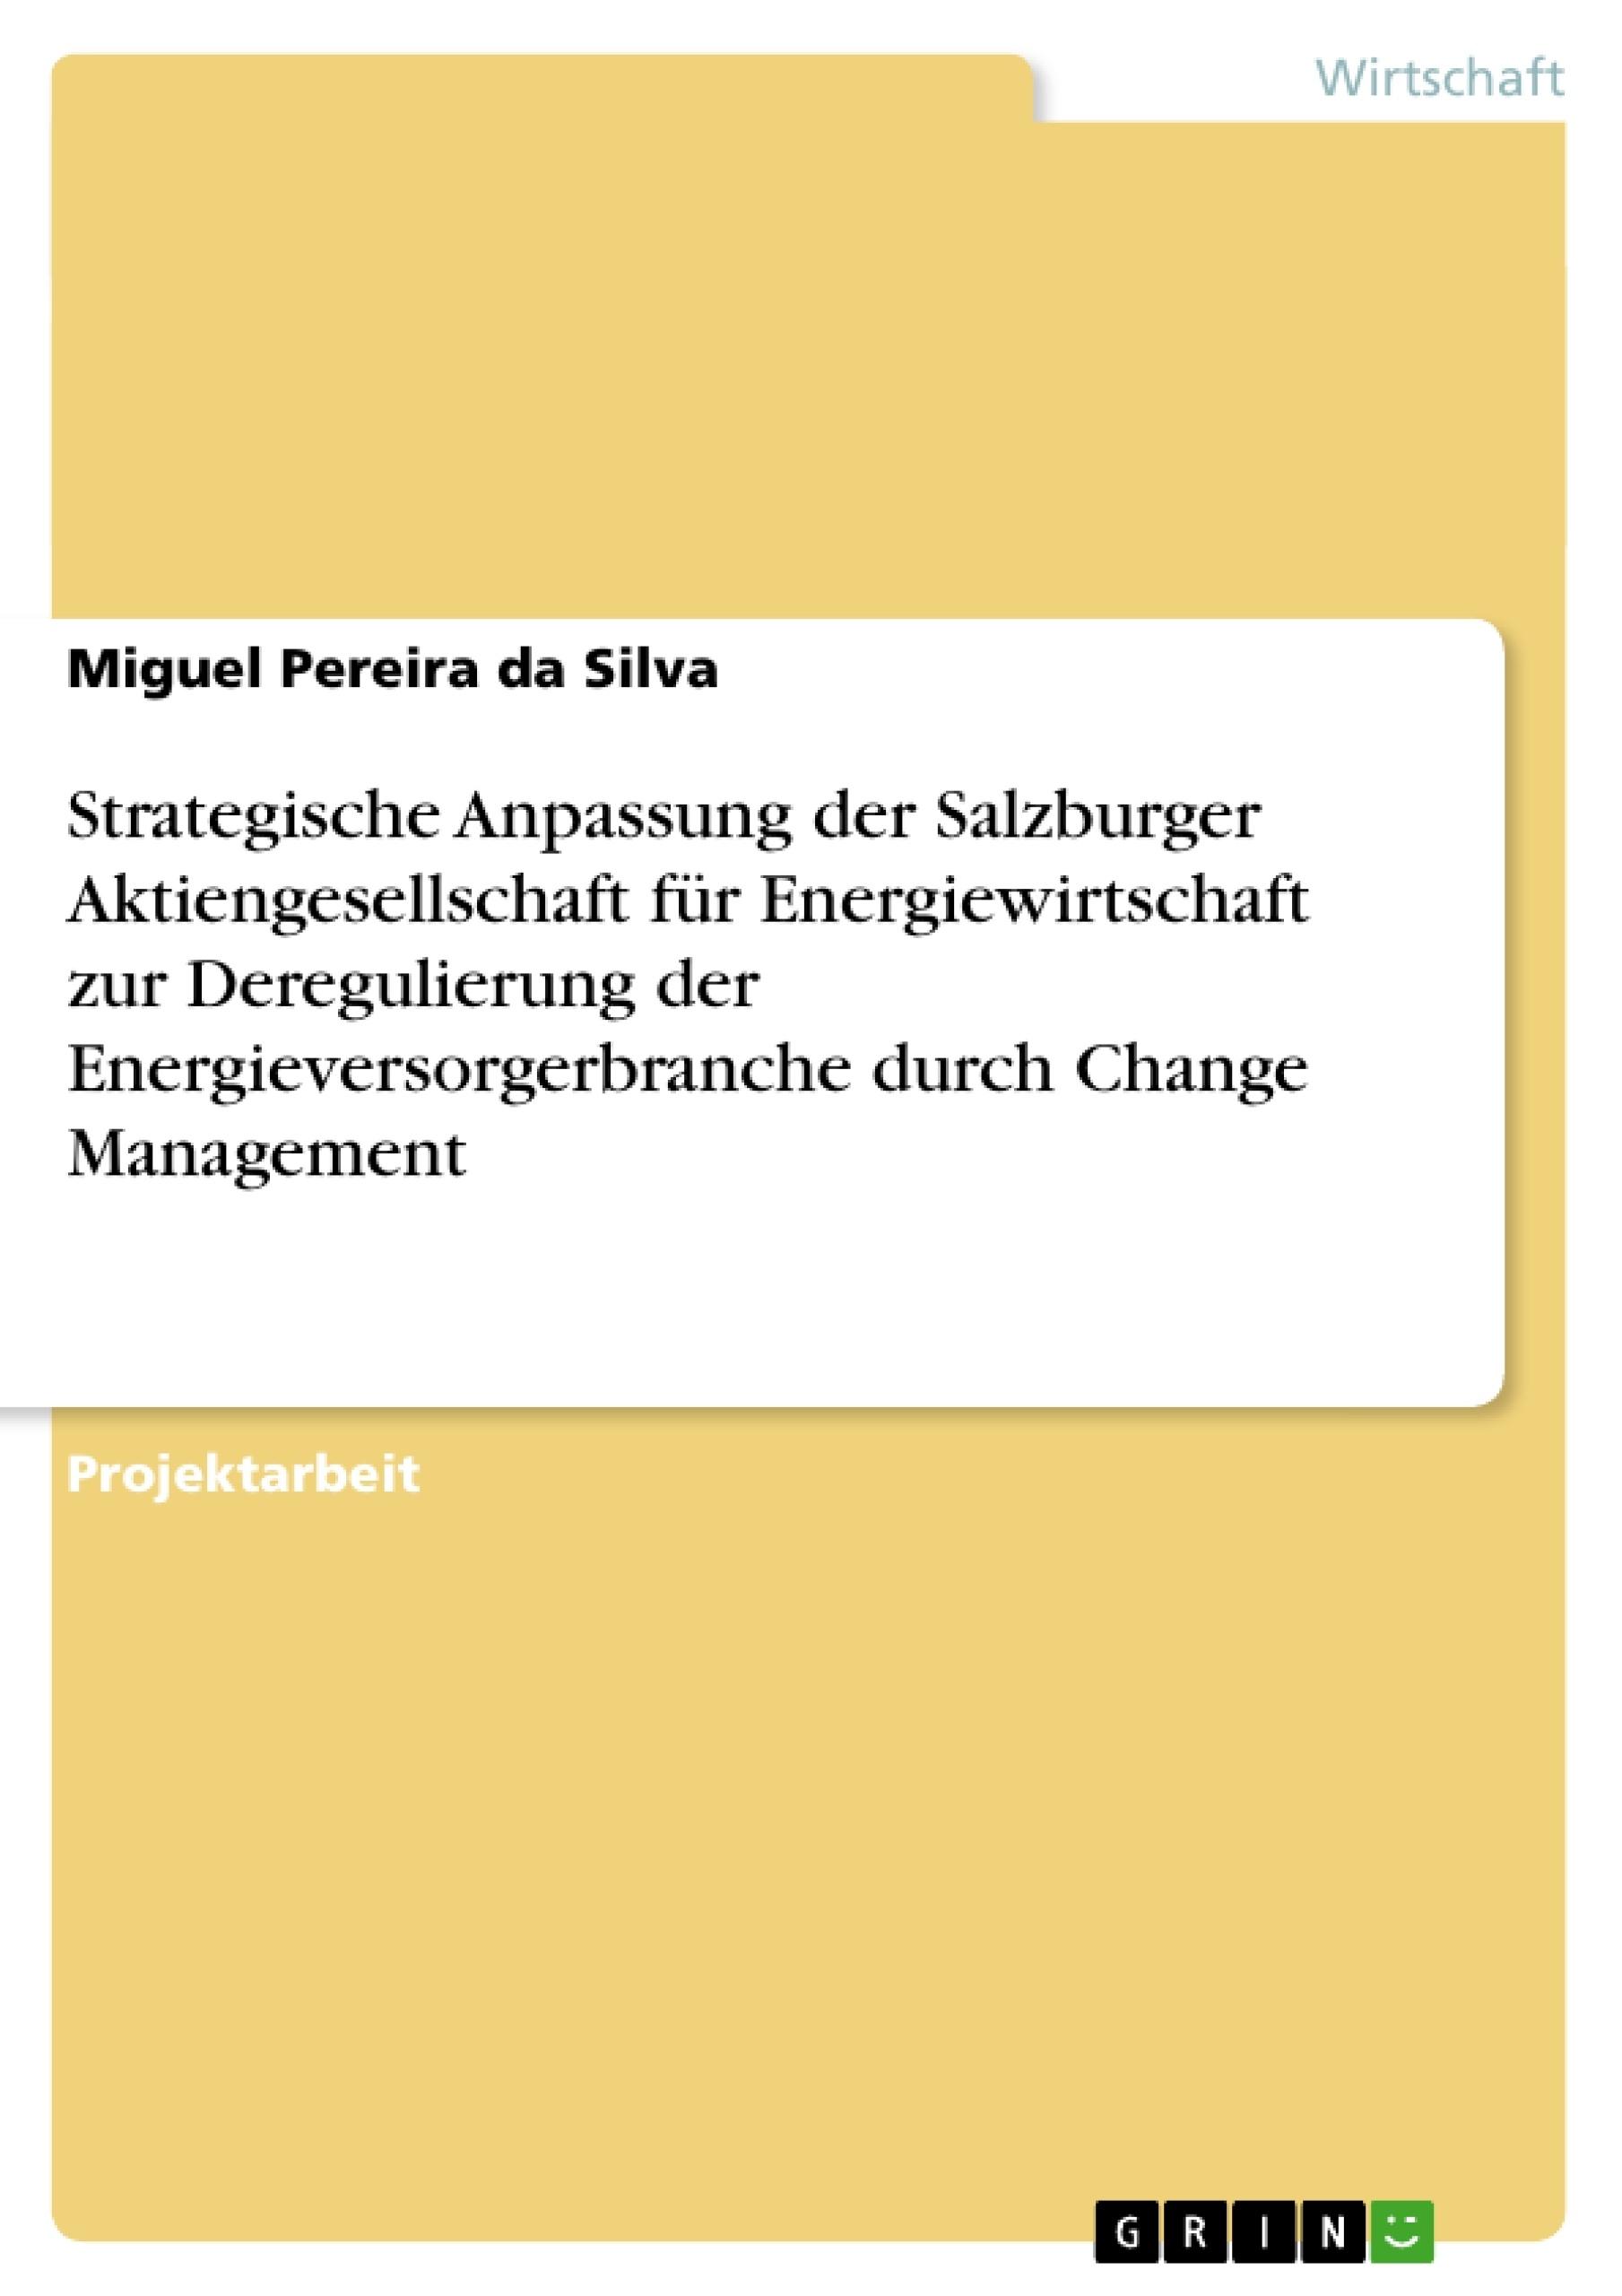 Titel: Strategische Anpassung der Salzburger Aktiengesellschaft für Energiewirtschaft zur Deregulierung der Energieversorgerbranche durch Change Management